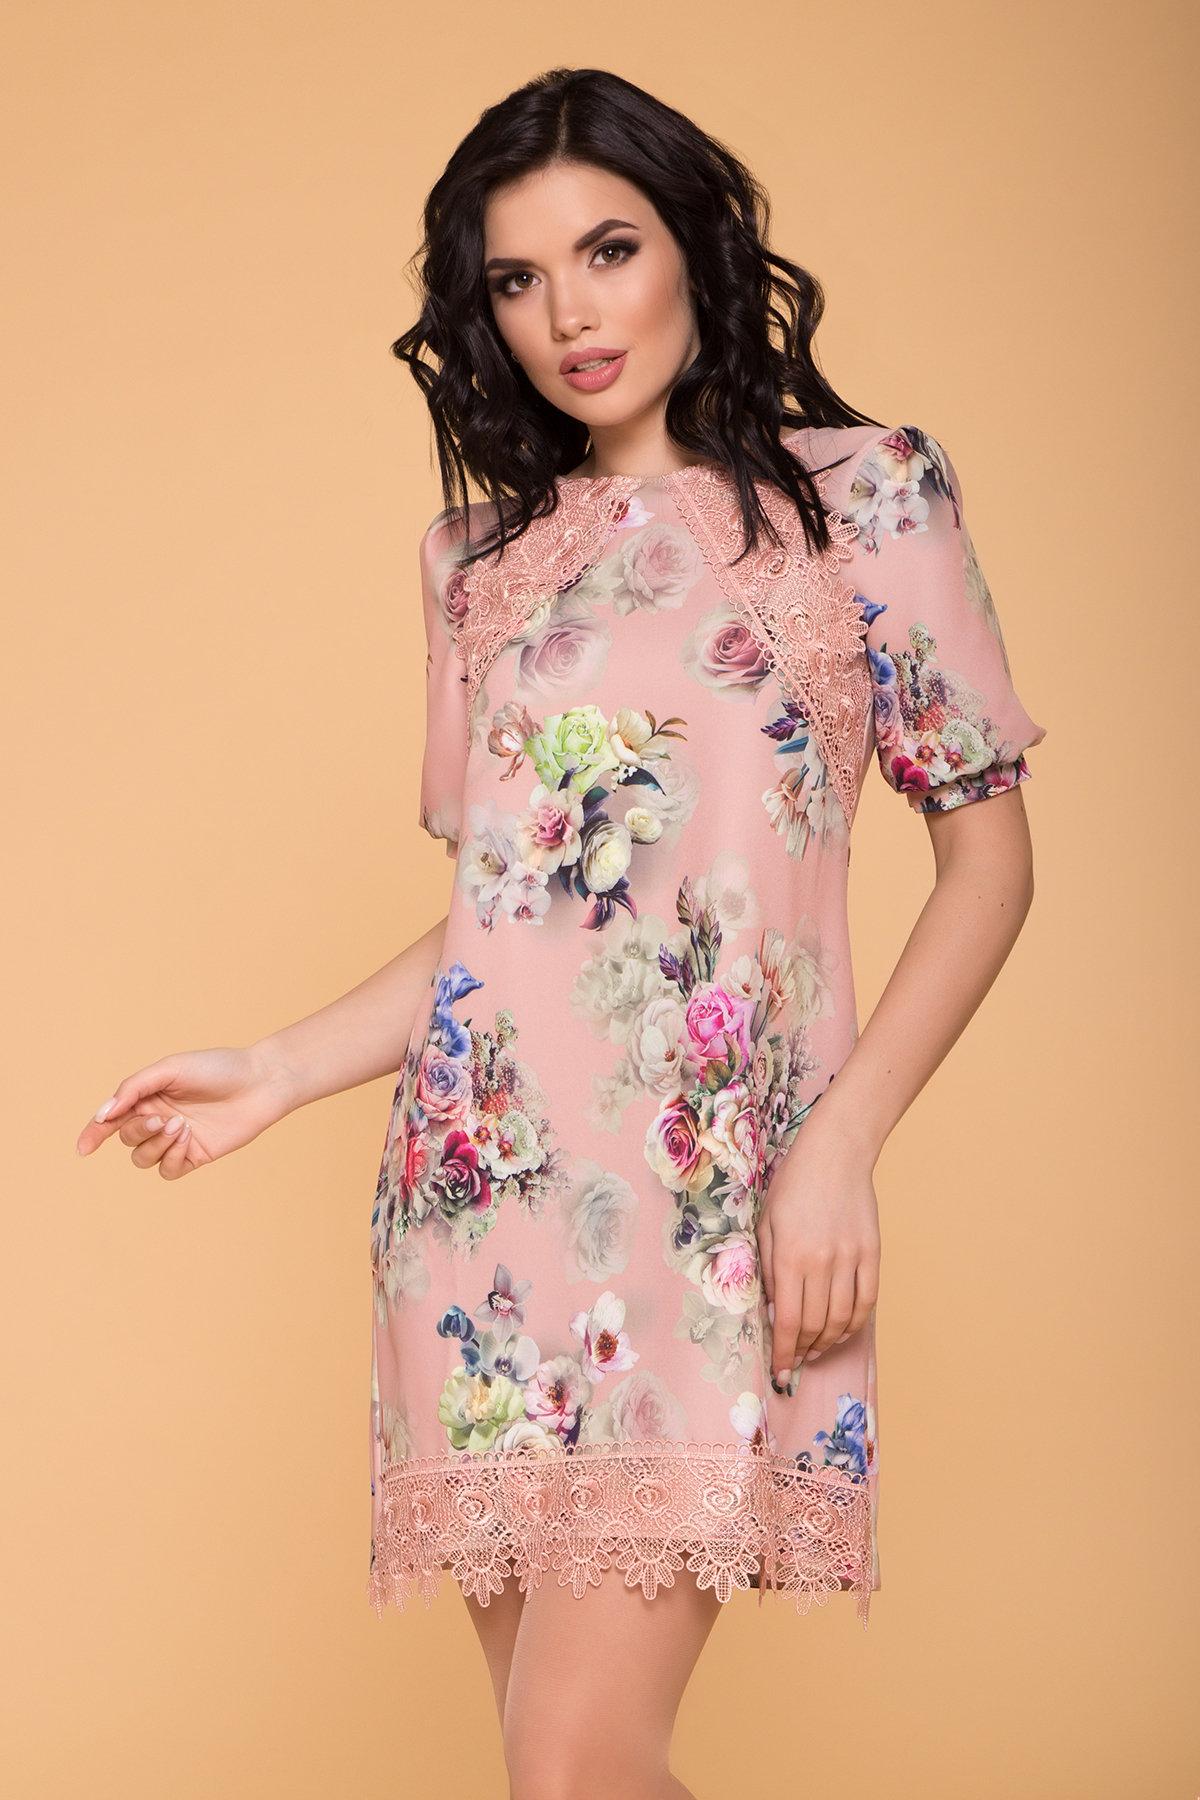 Платье Алексис 6752 АРТ. 41839 Цвет: Пудра Роза - фото 3, интернет магазин tm-modus.ru